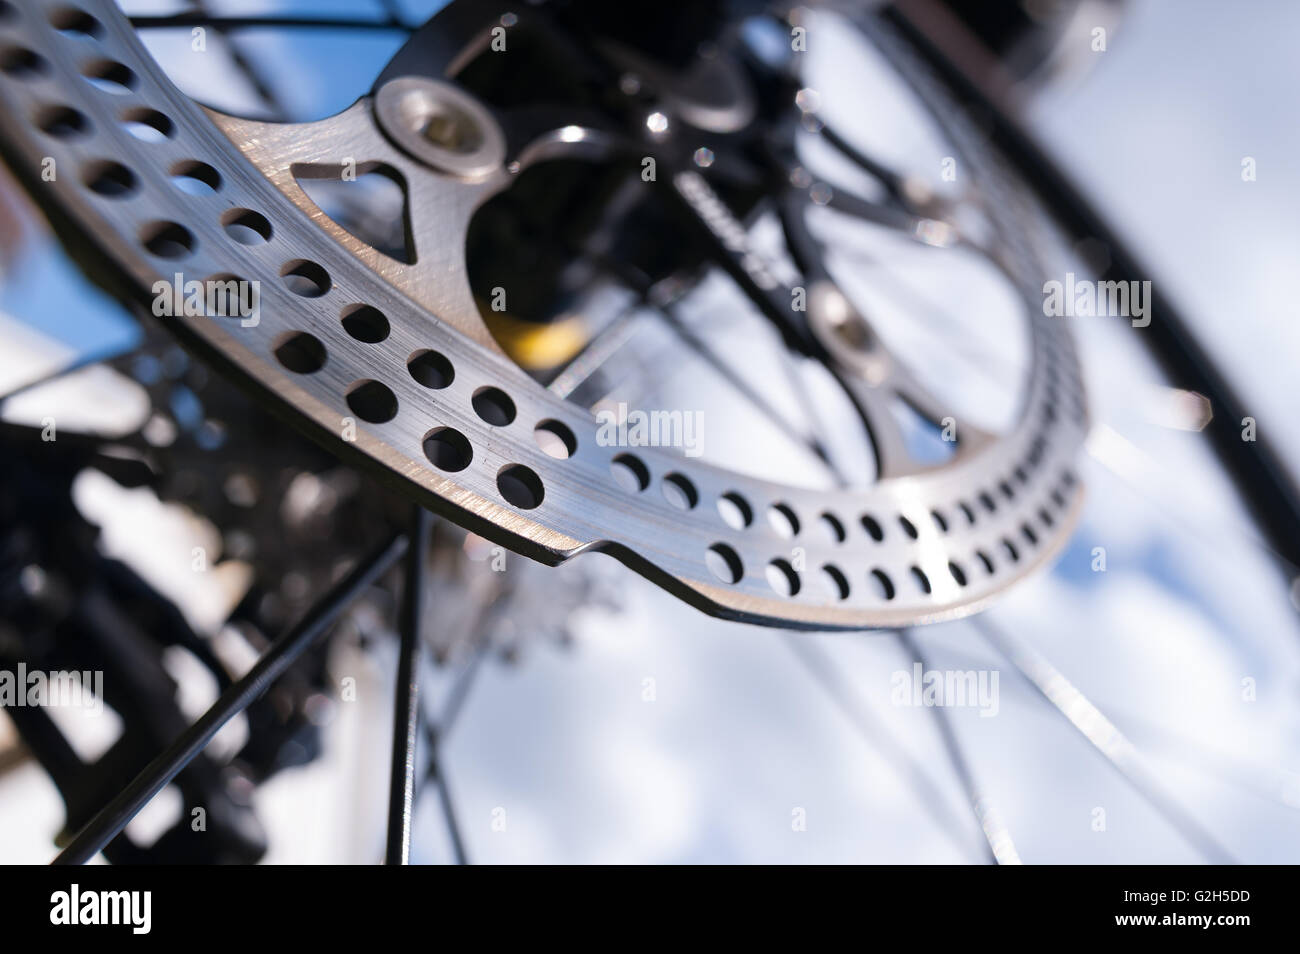 Métal acier frein à disque vélo de route donnant une grande capacité d'arrêt rupture Photo Stock